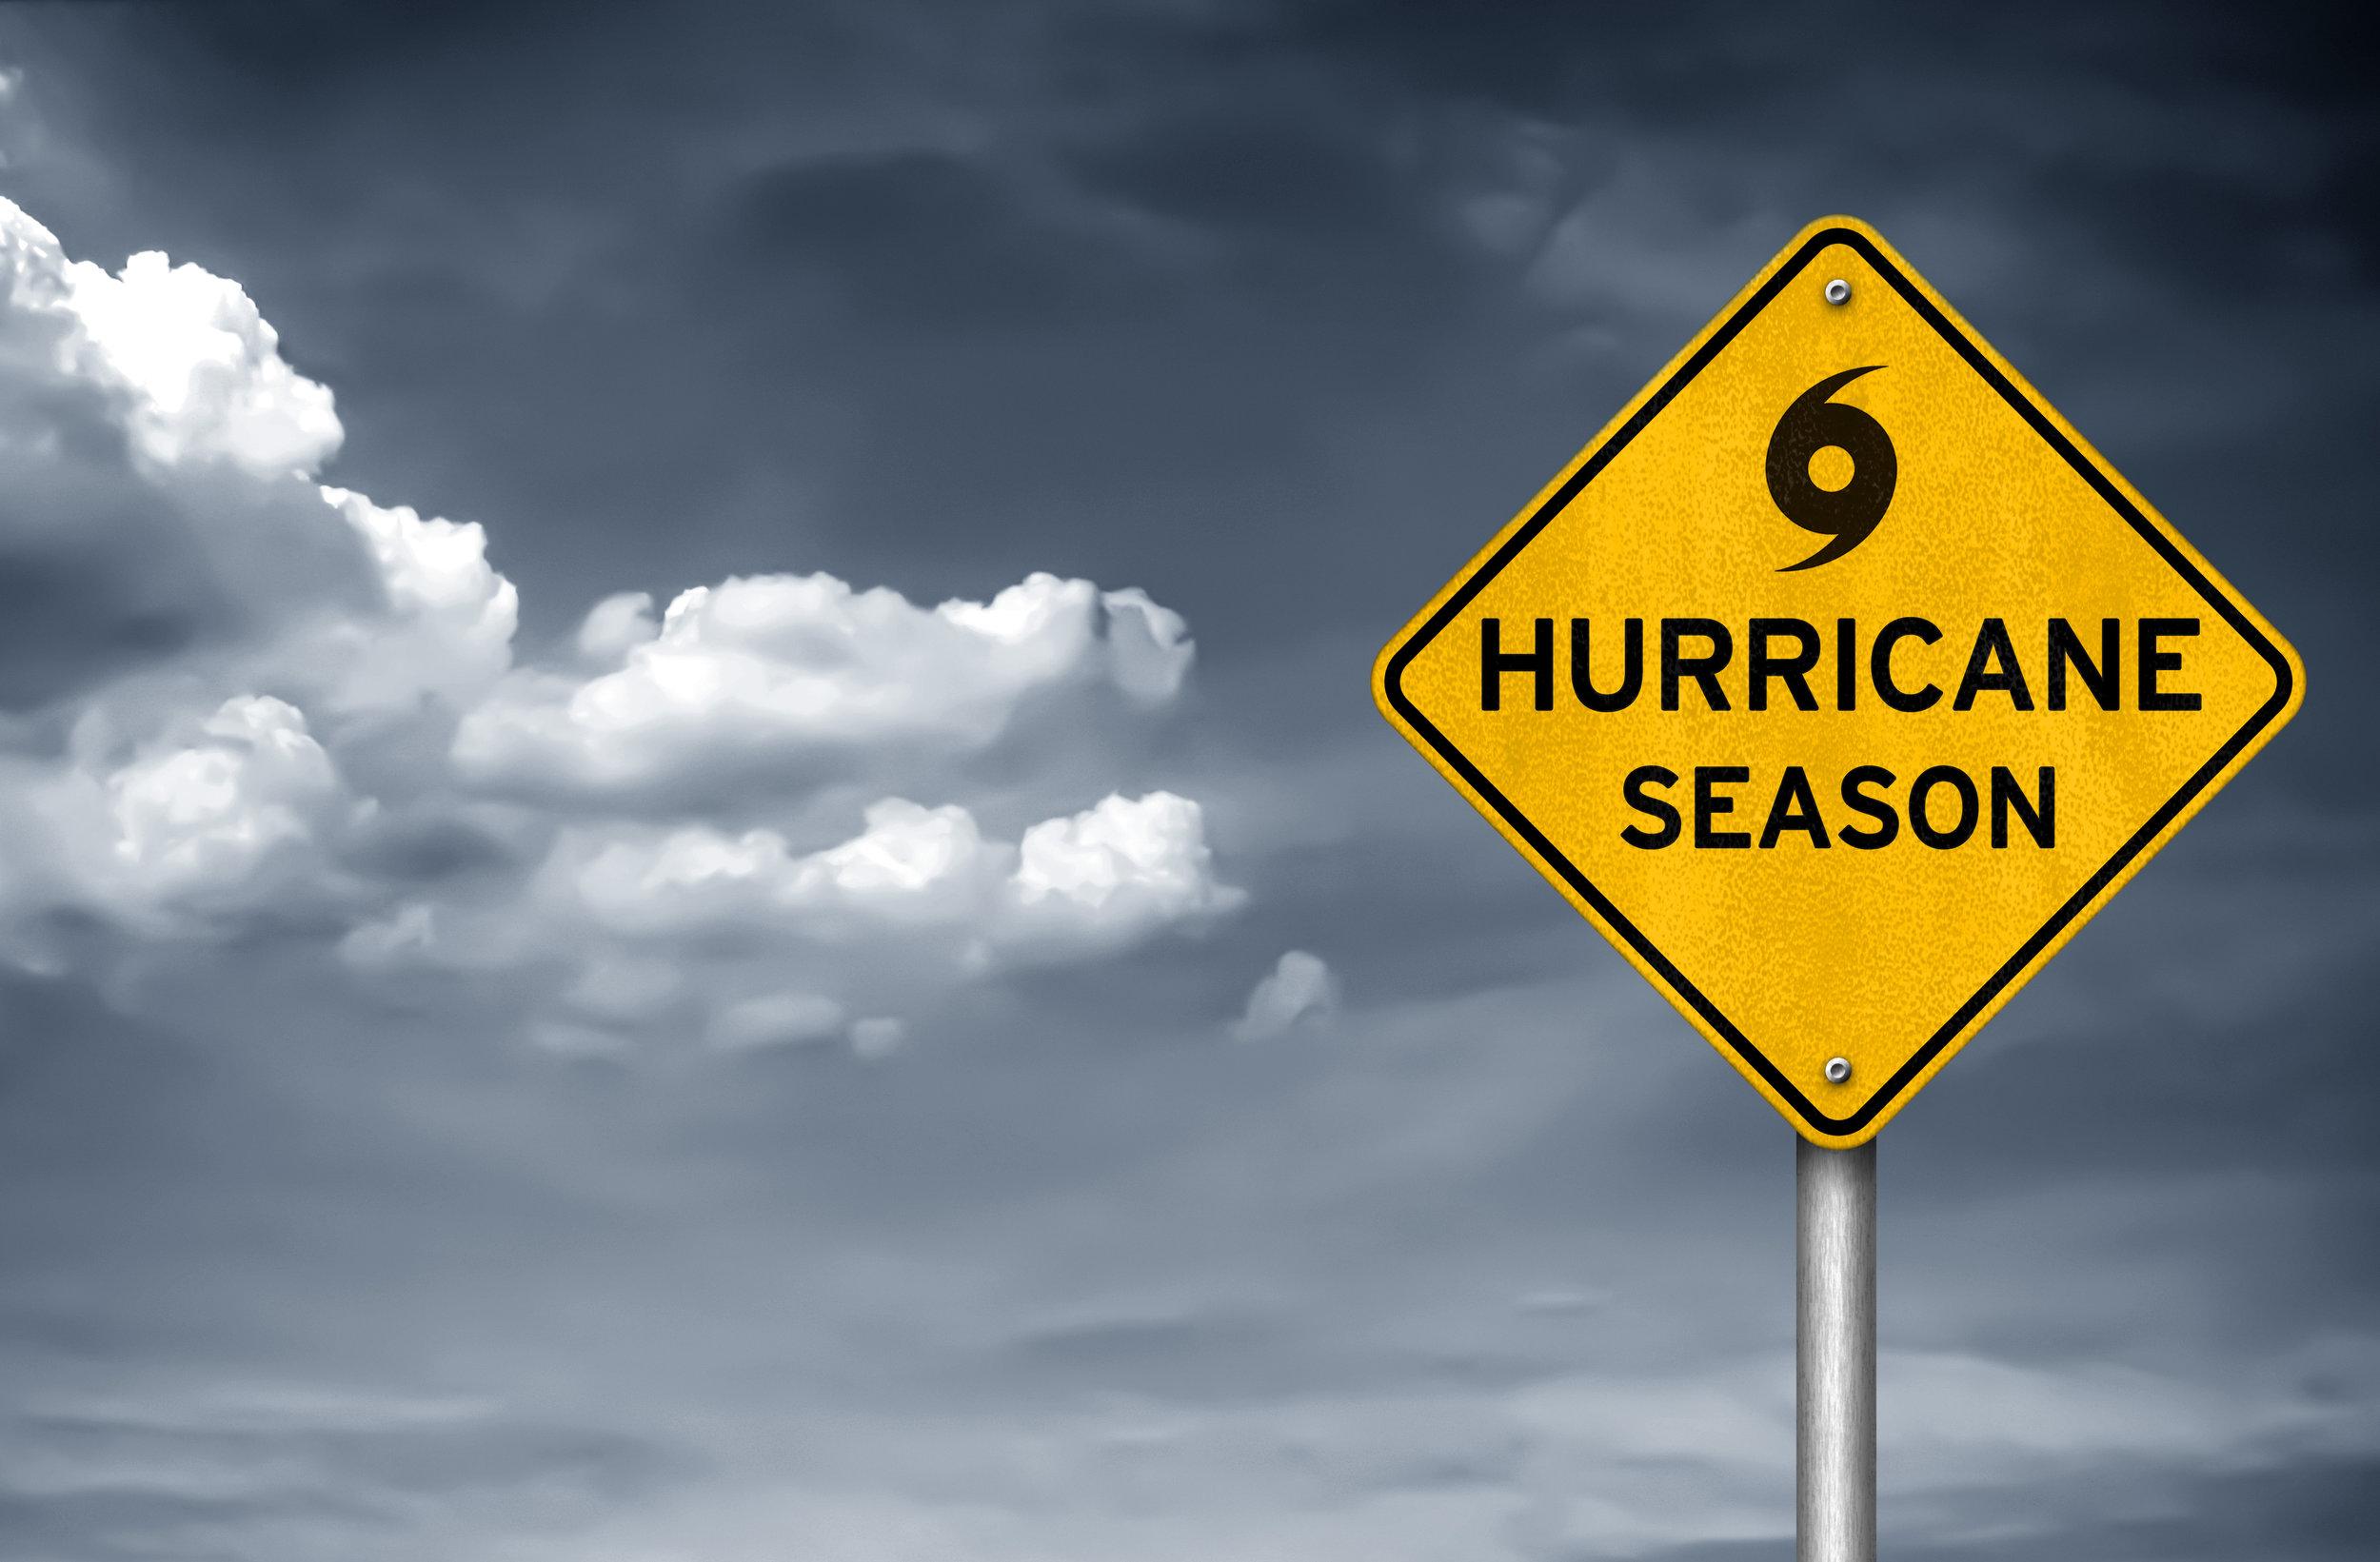 Canva - Hurricane season incoming.jpg